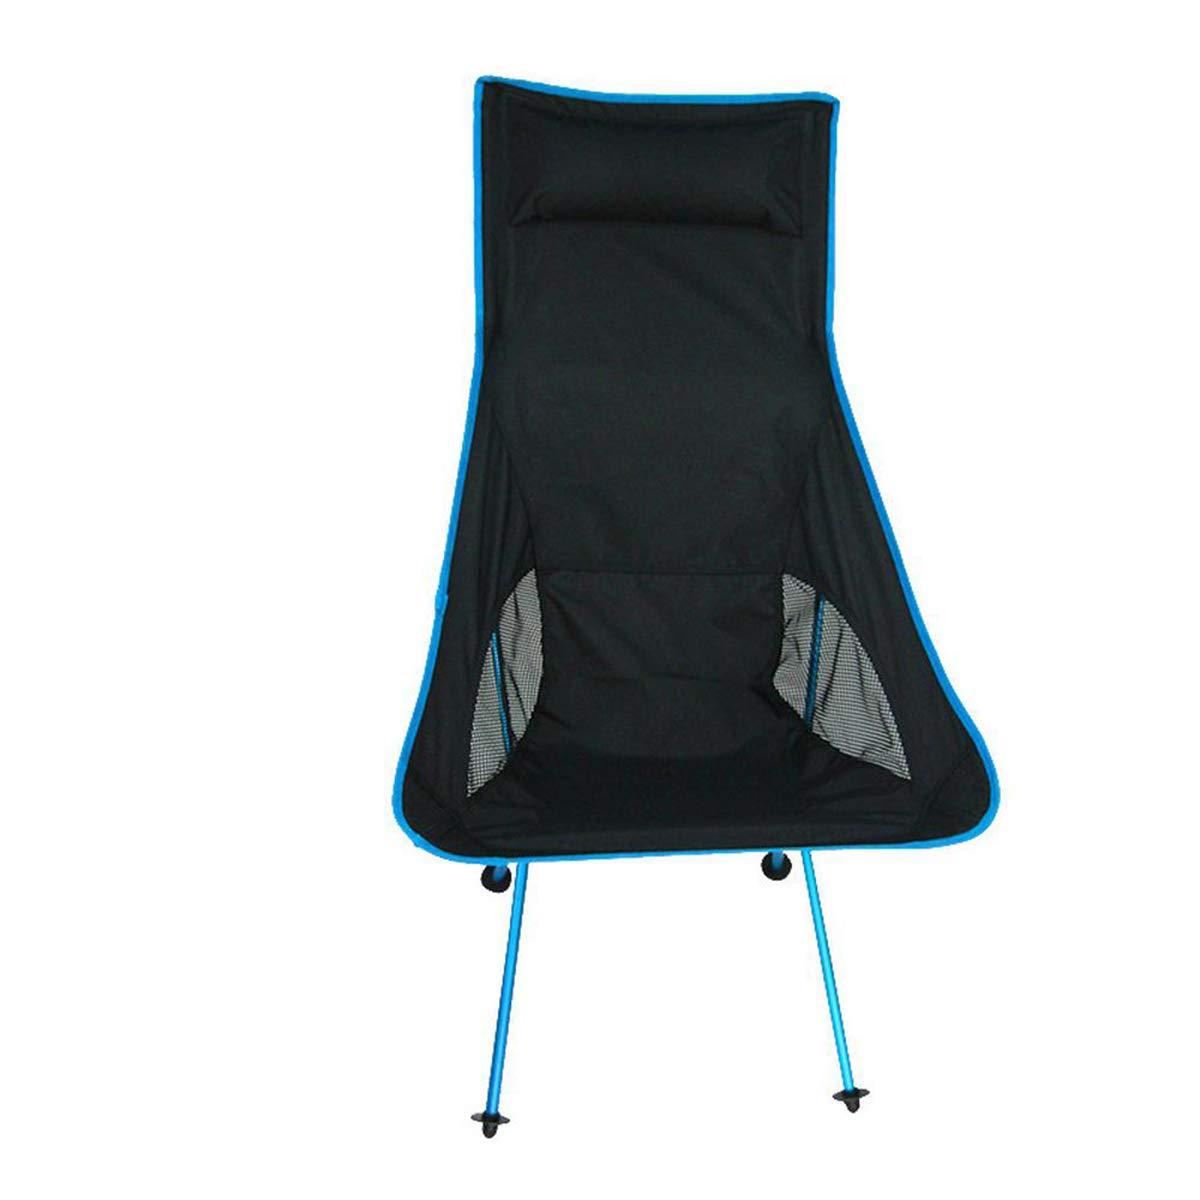 bleu  Folding Stool Chaise de Camping Chaise de Pêche Pliante Ultra Légère, Chaise de Jardin Extérieure portable Compacte avec Appui-tête pour Les Voyages BBQ Plage Pique-Nique (capacité 150 Kg) Orange